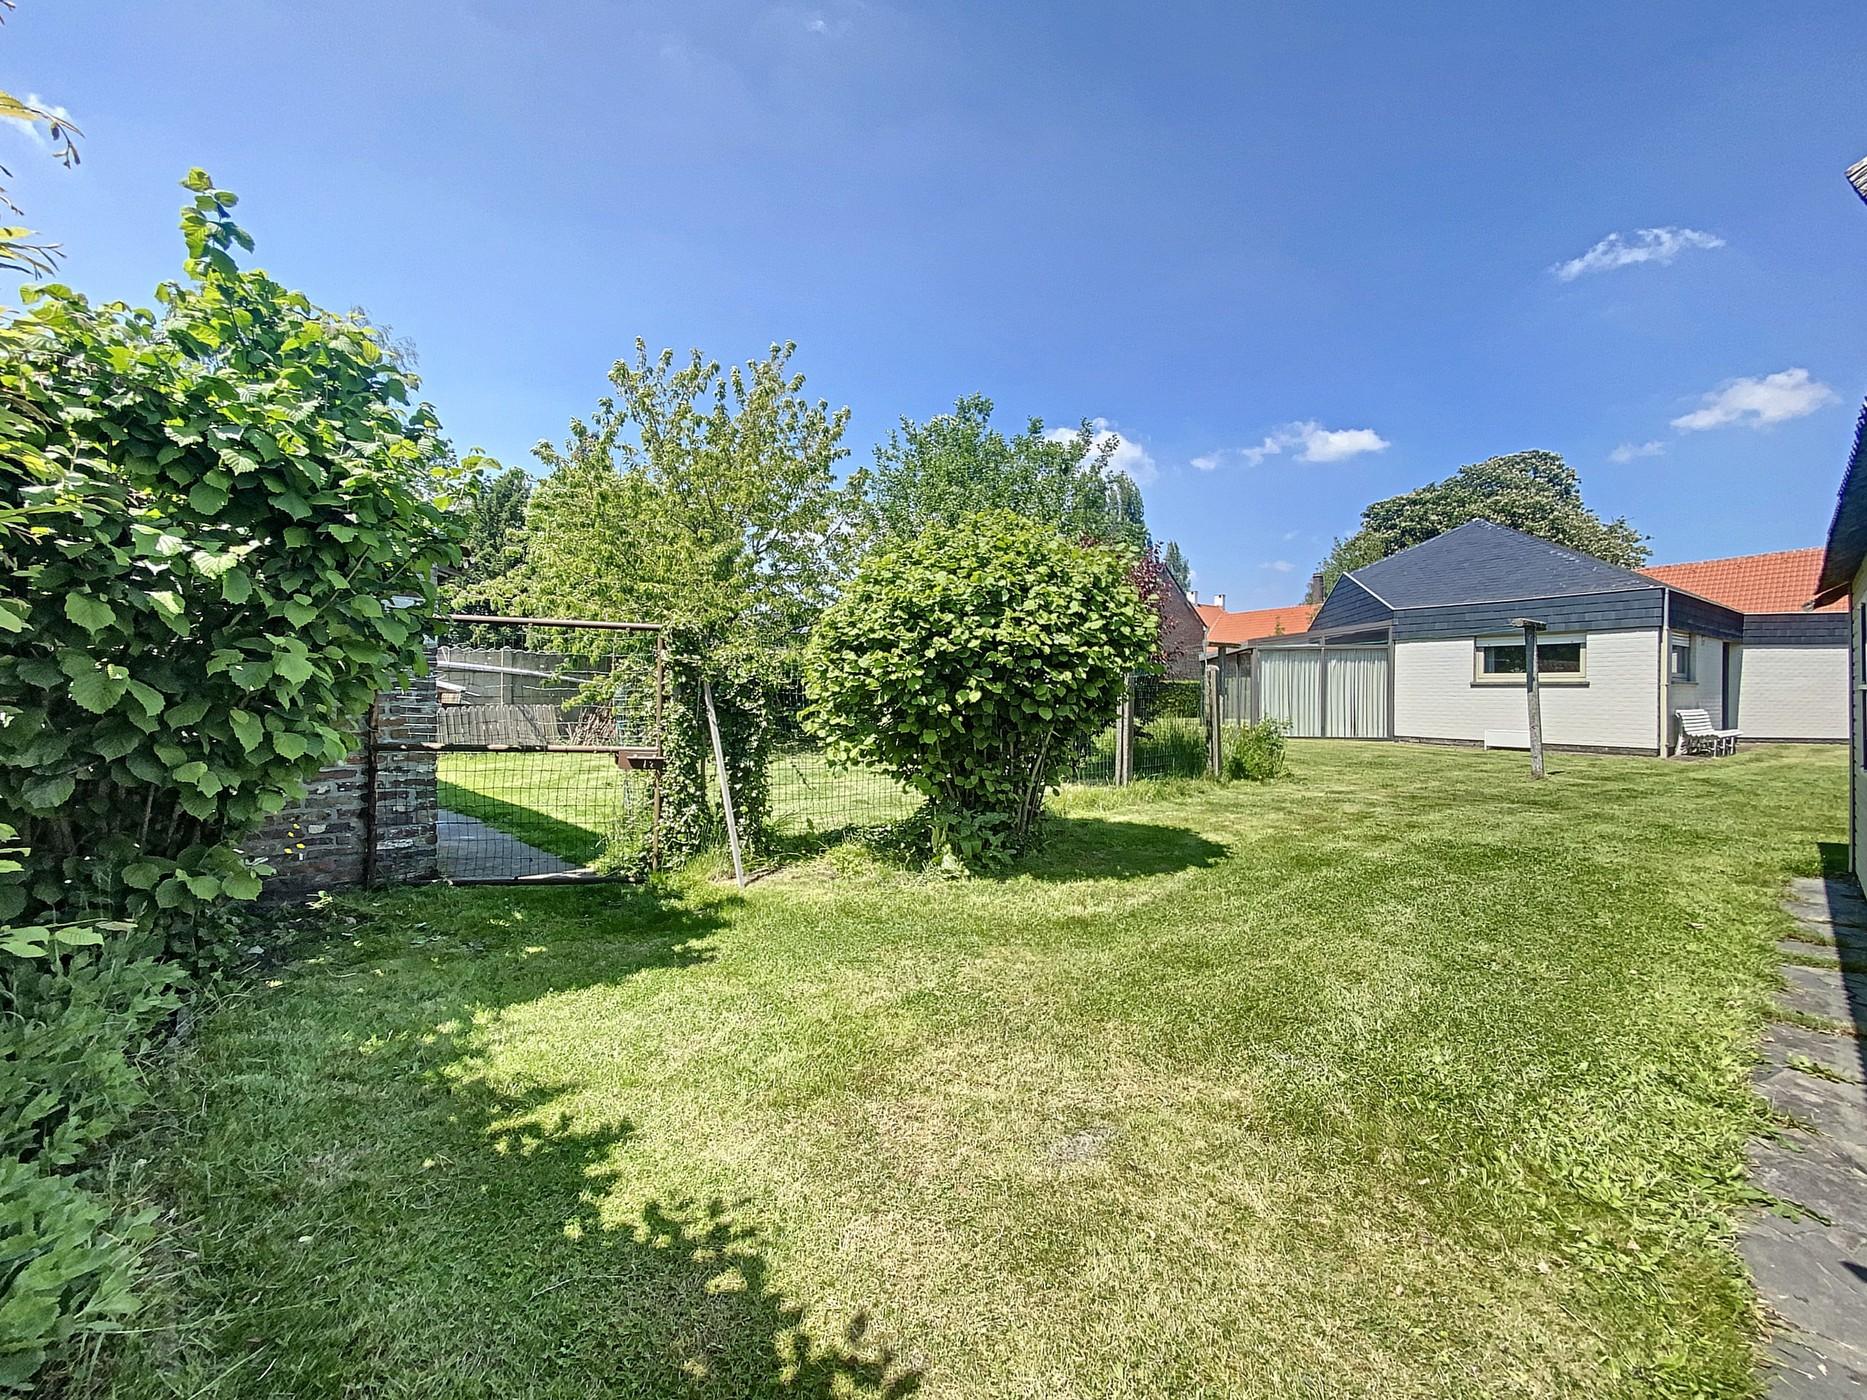 Charmante, vrijstaande woning met aangename tuin in hartje Zingem!